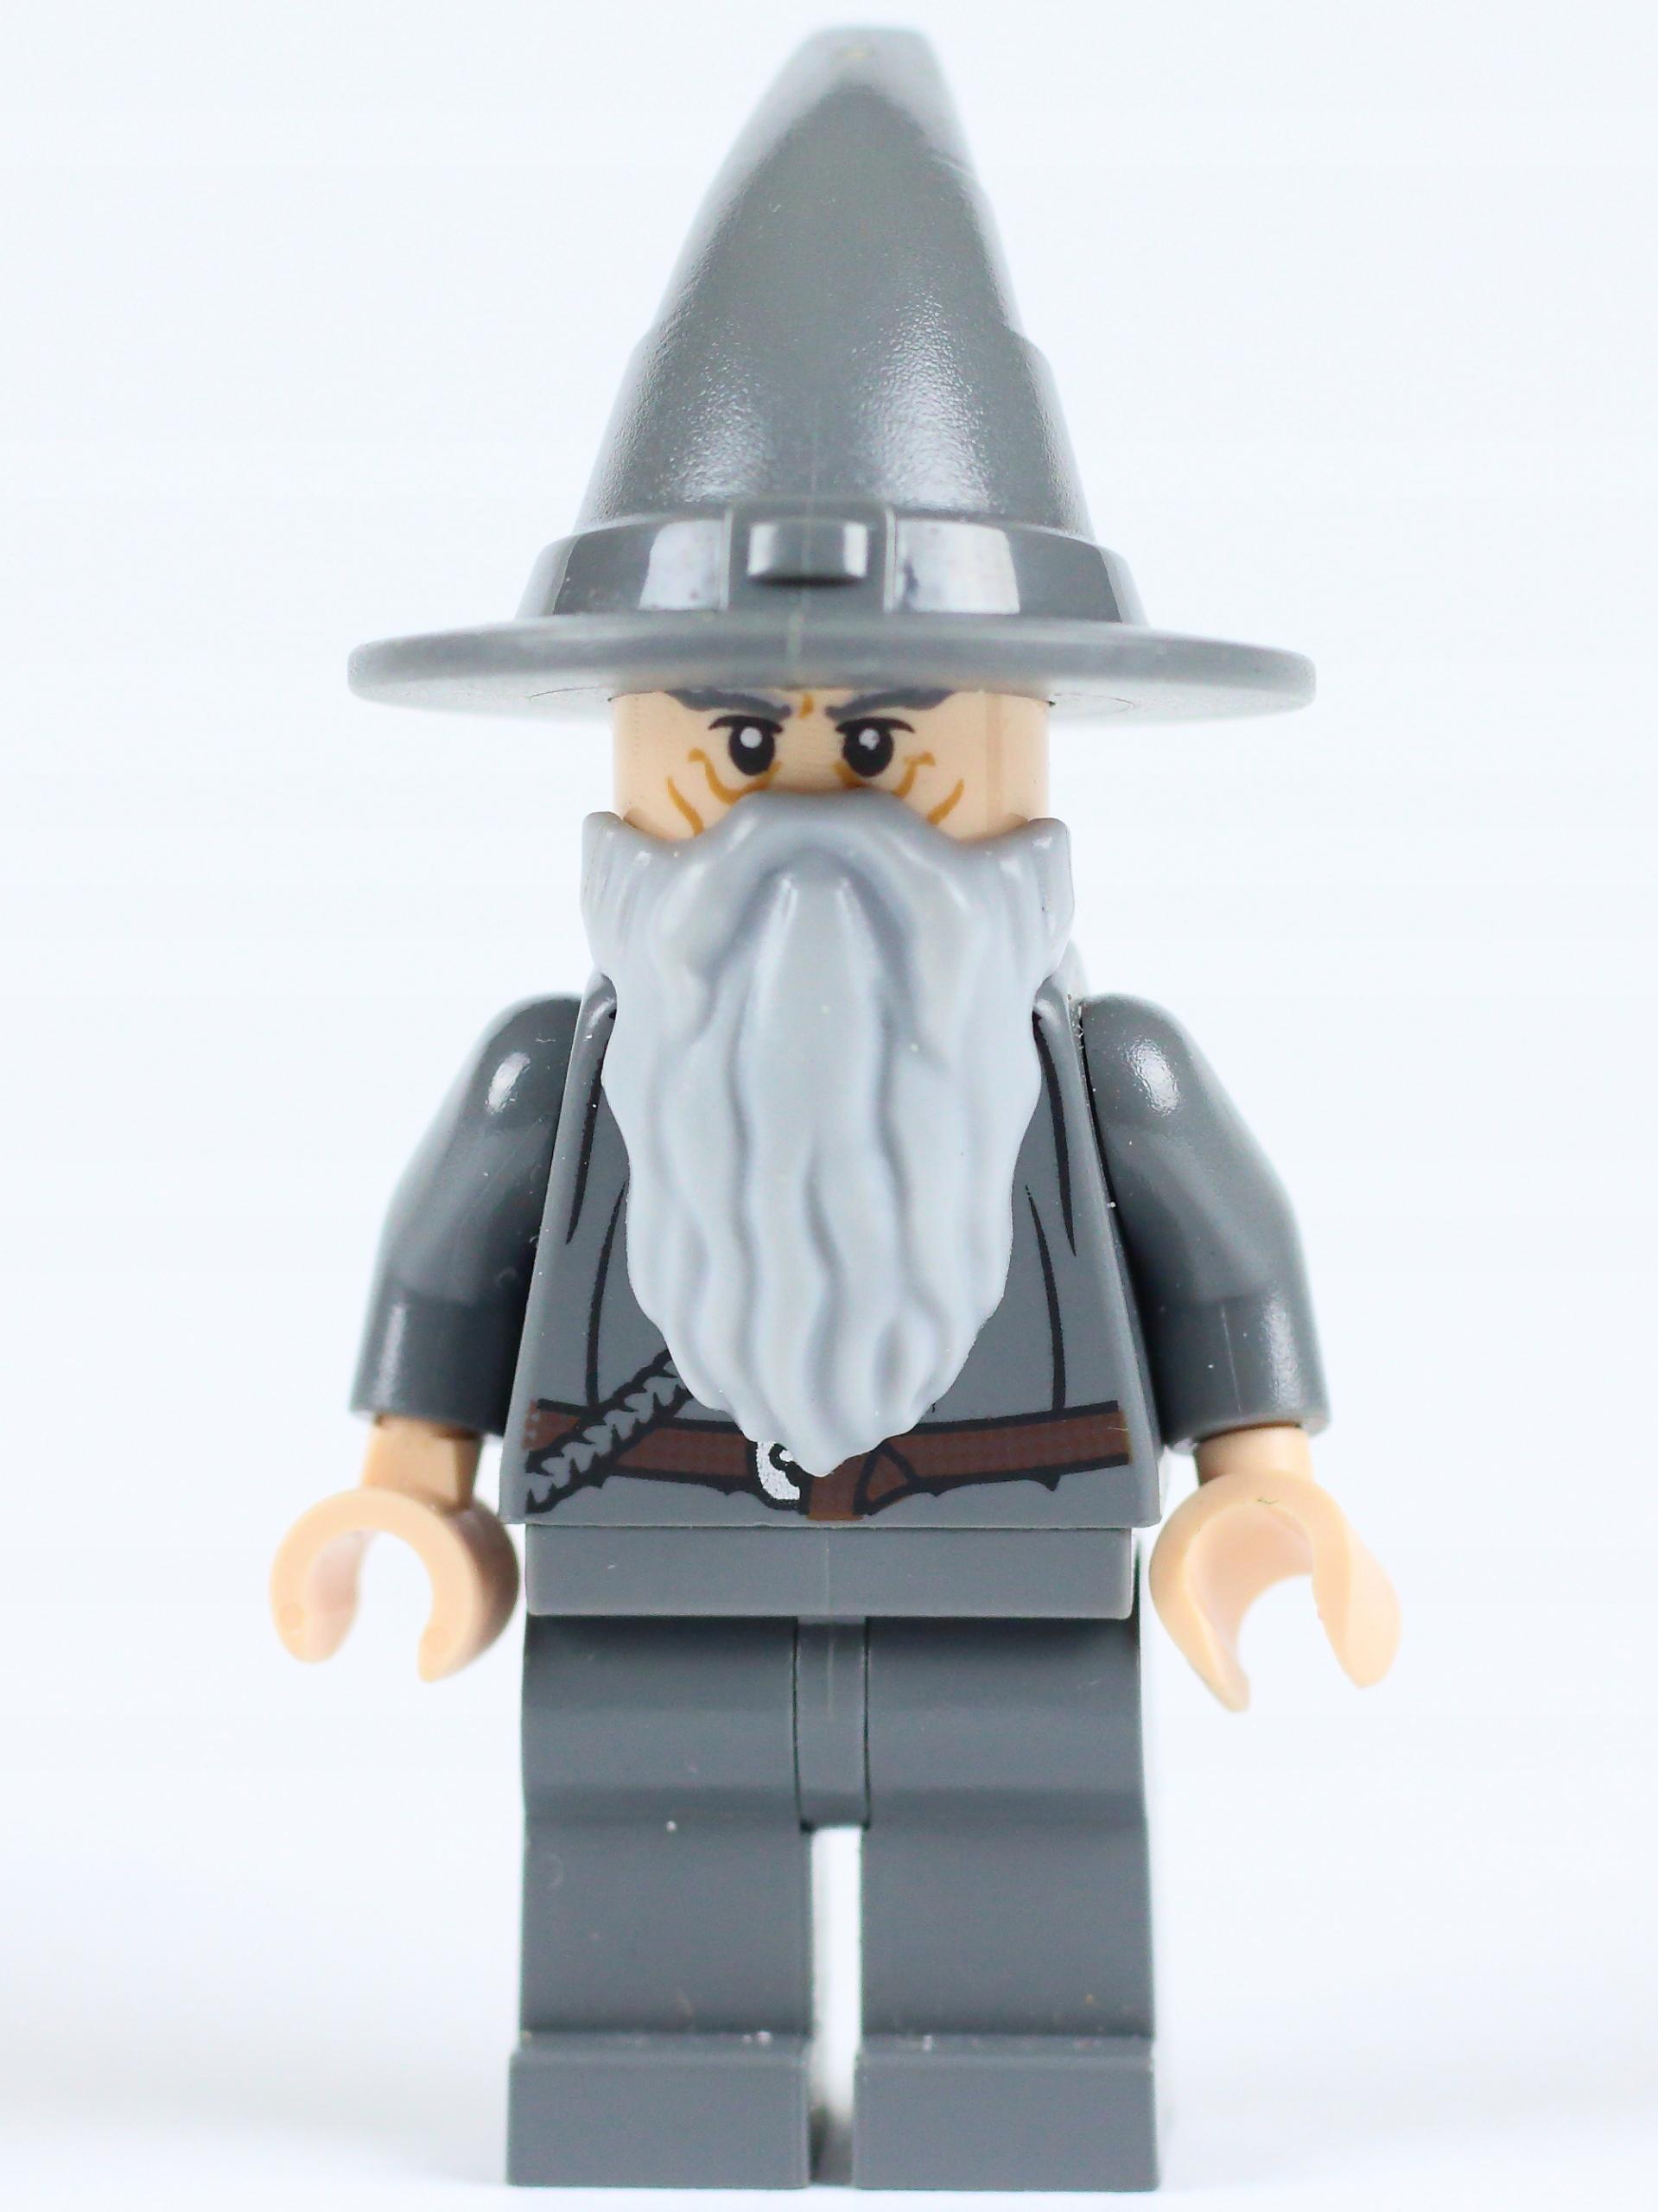 Gandalf Figurka Lego Władca Pierścieni Lotr 7614905815 Oficjalne